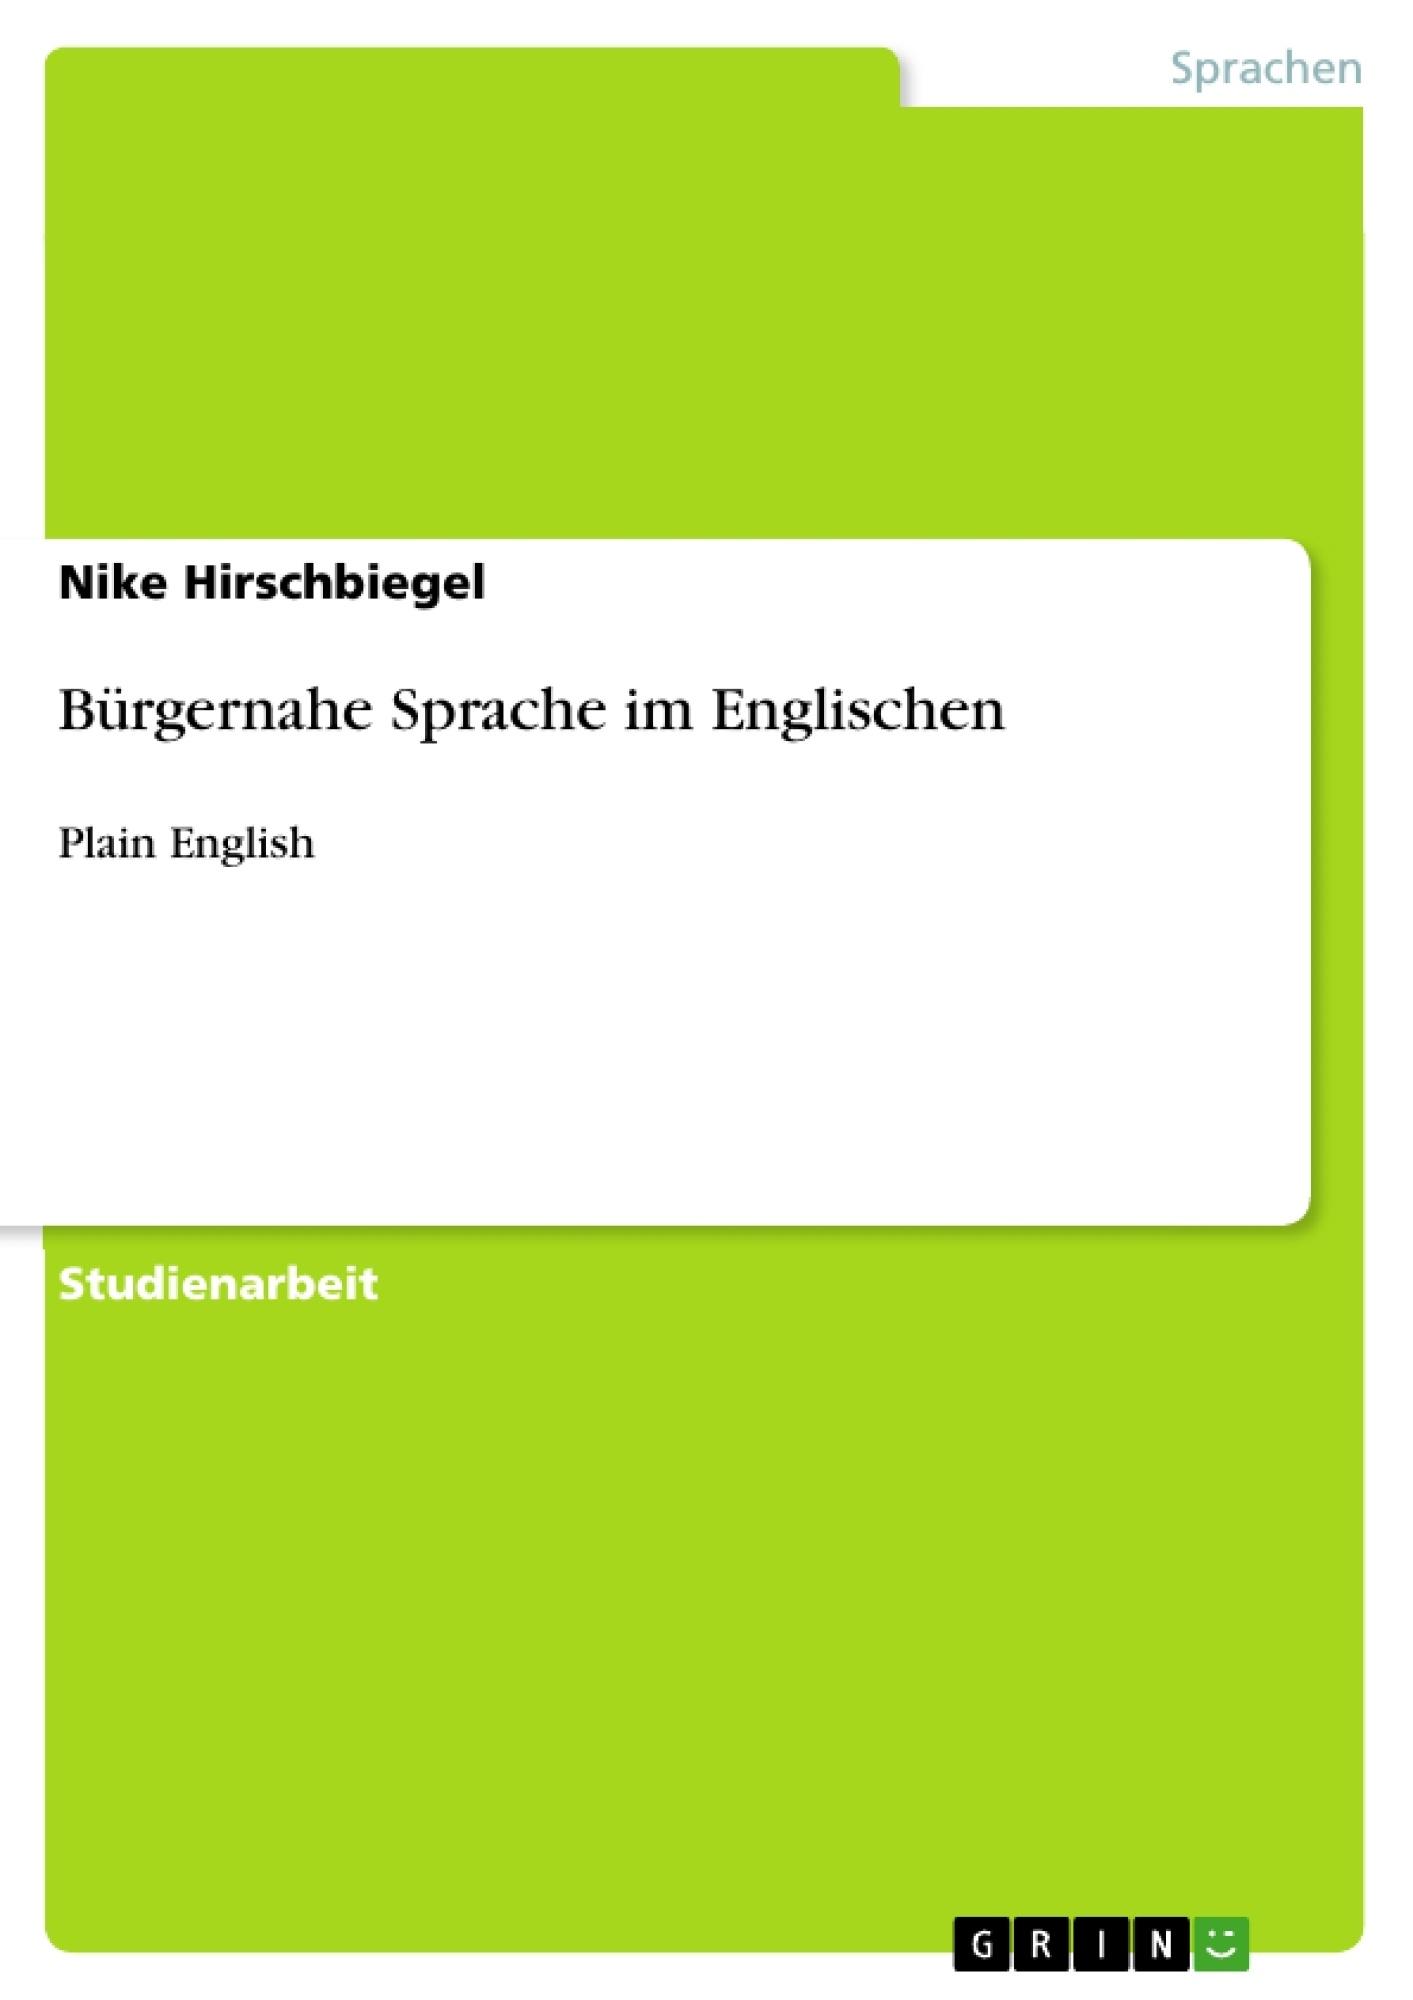 Titel: Bürgernahe Sprache im Englischen